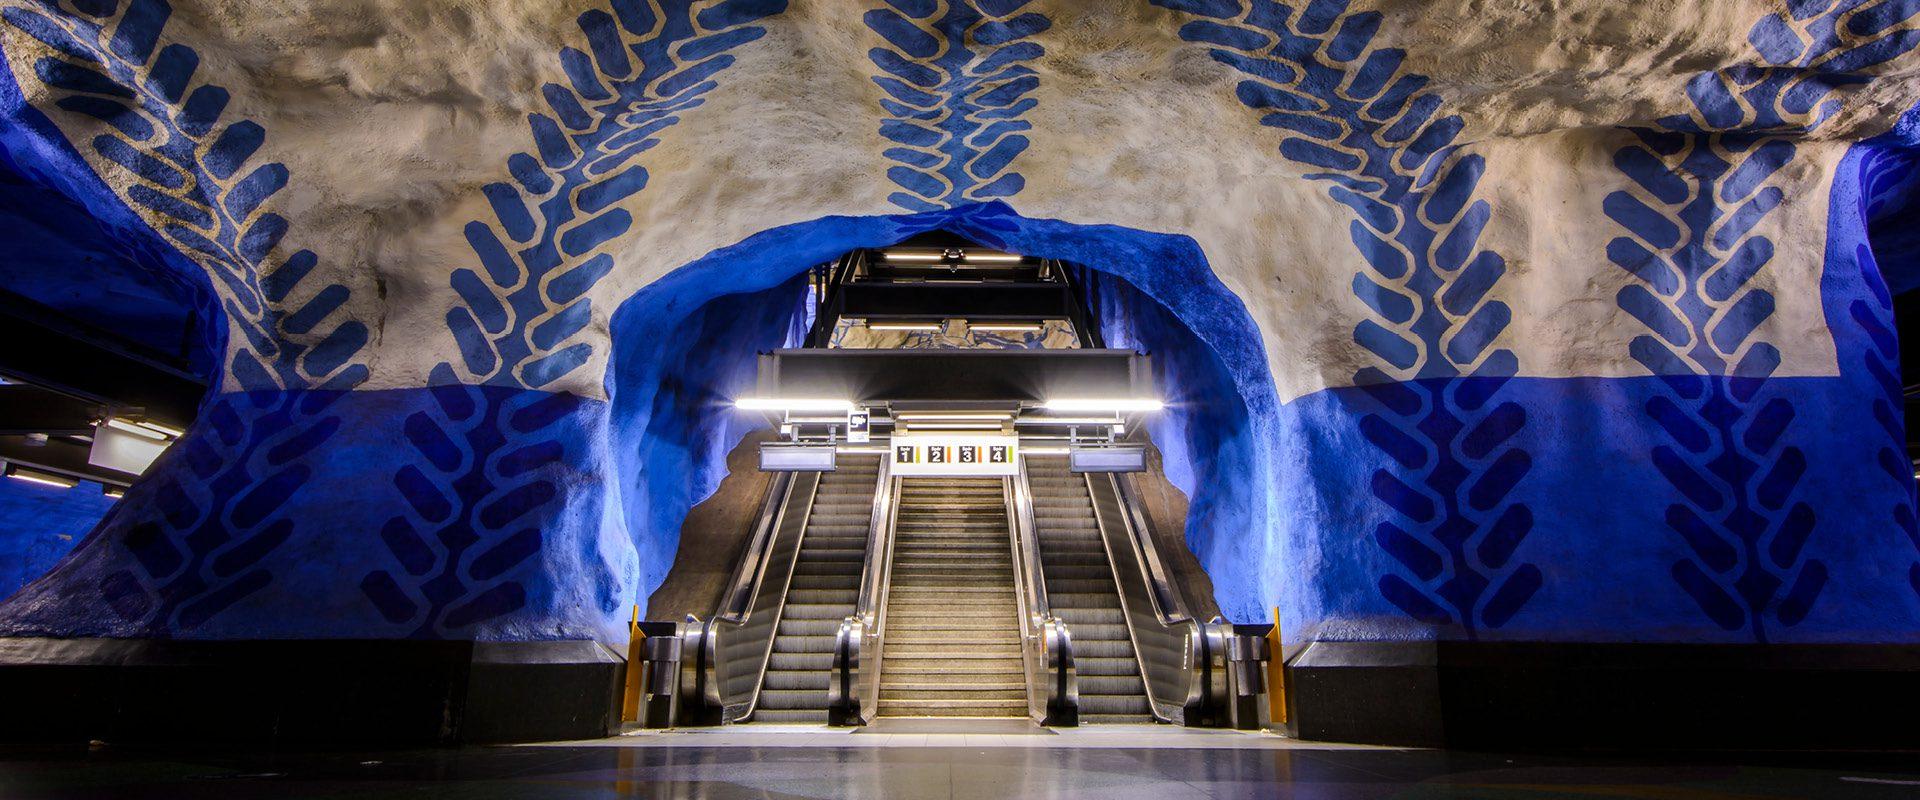 Gröna Lund - Viajeros con B - Estocolmo